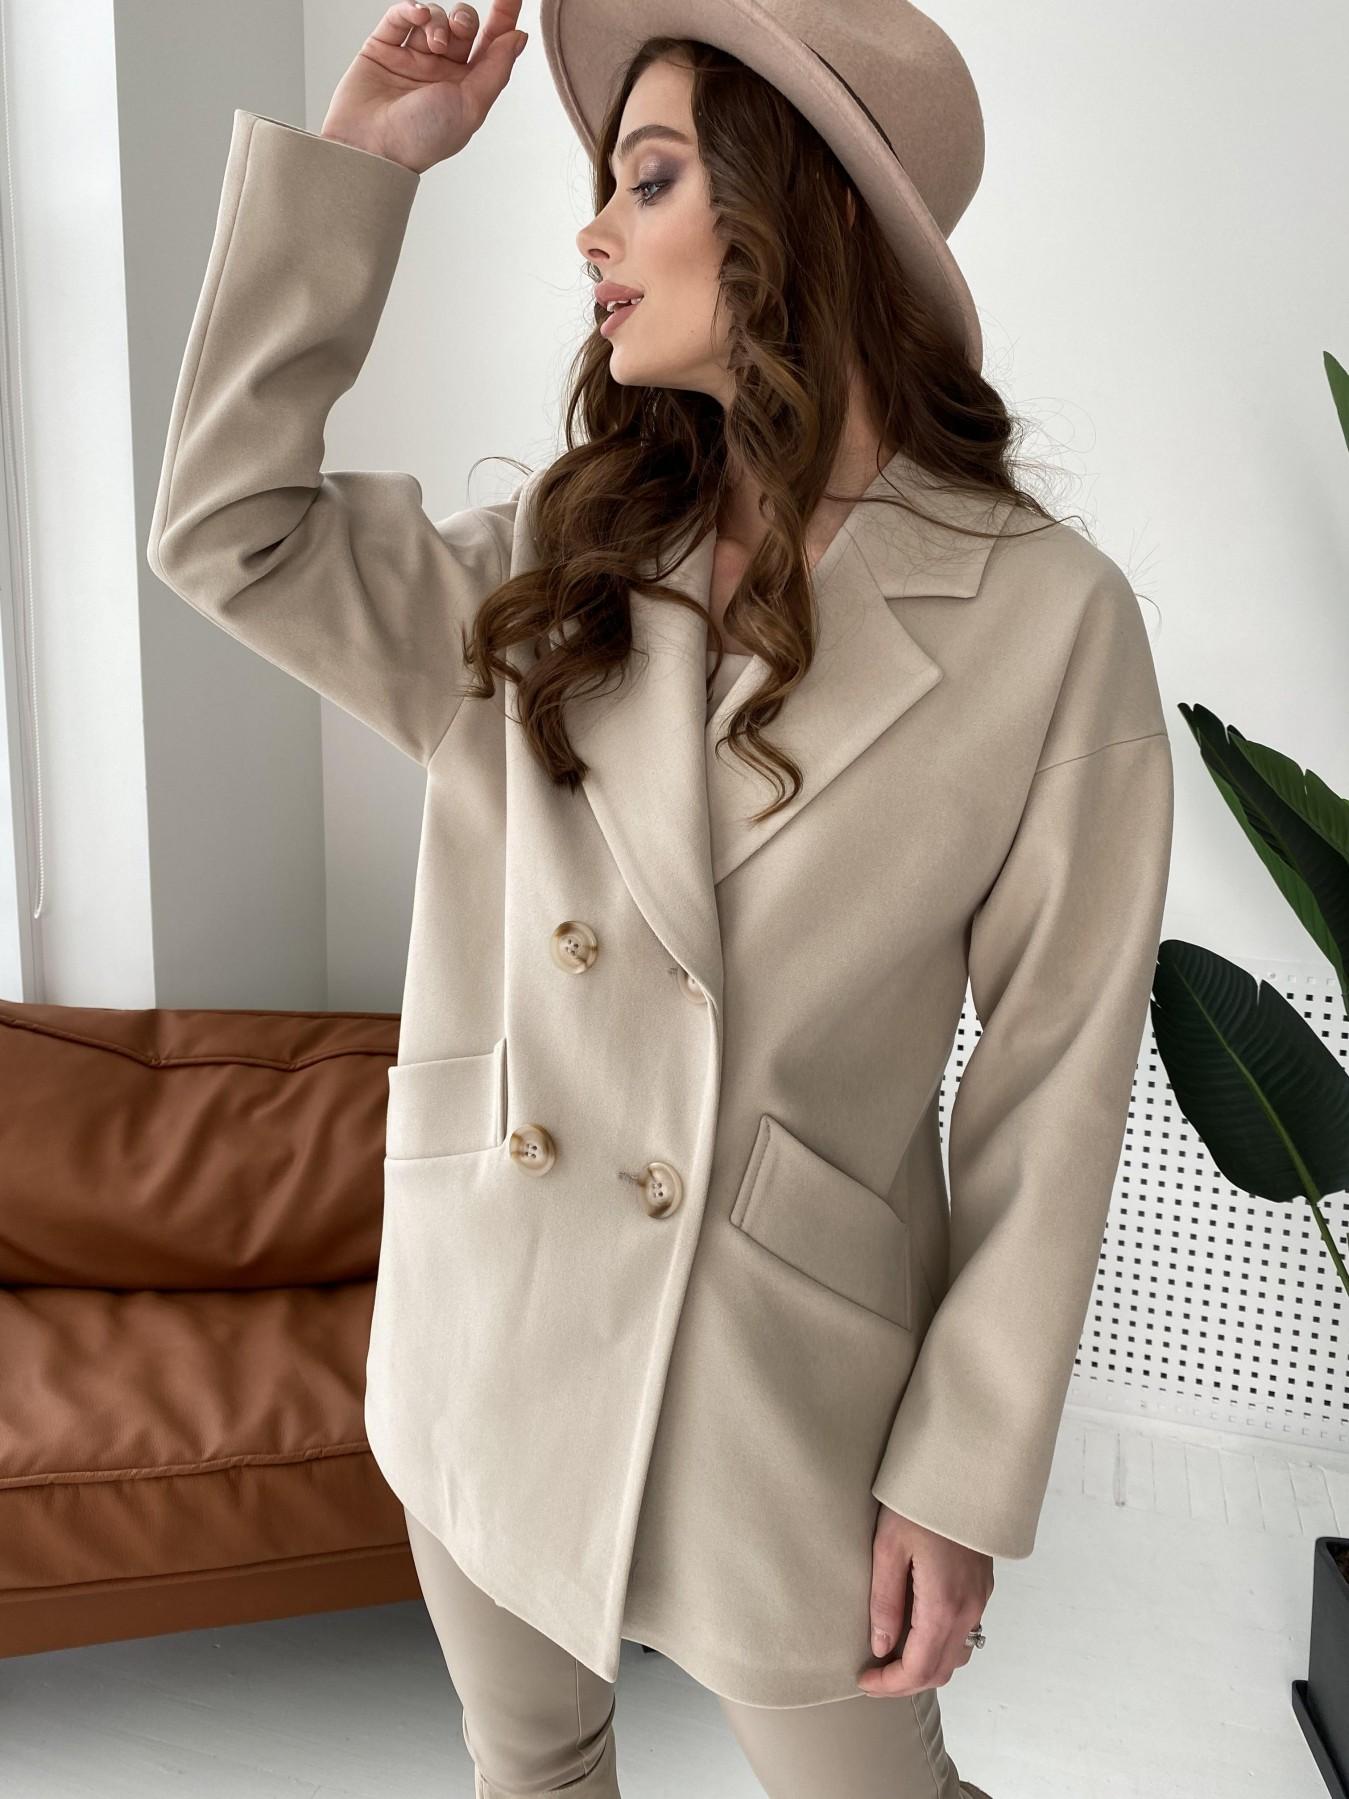 Демисезонного пальто оптом ТМ Modus Бонд пальто из кашемира  10571